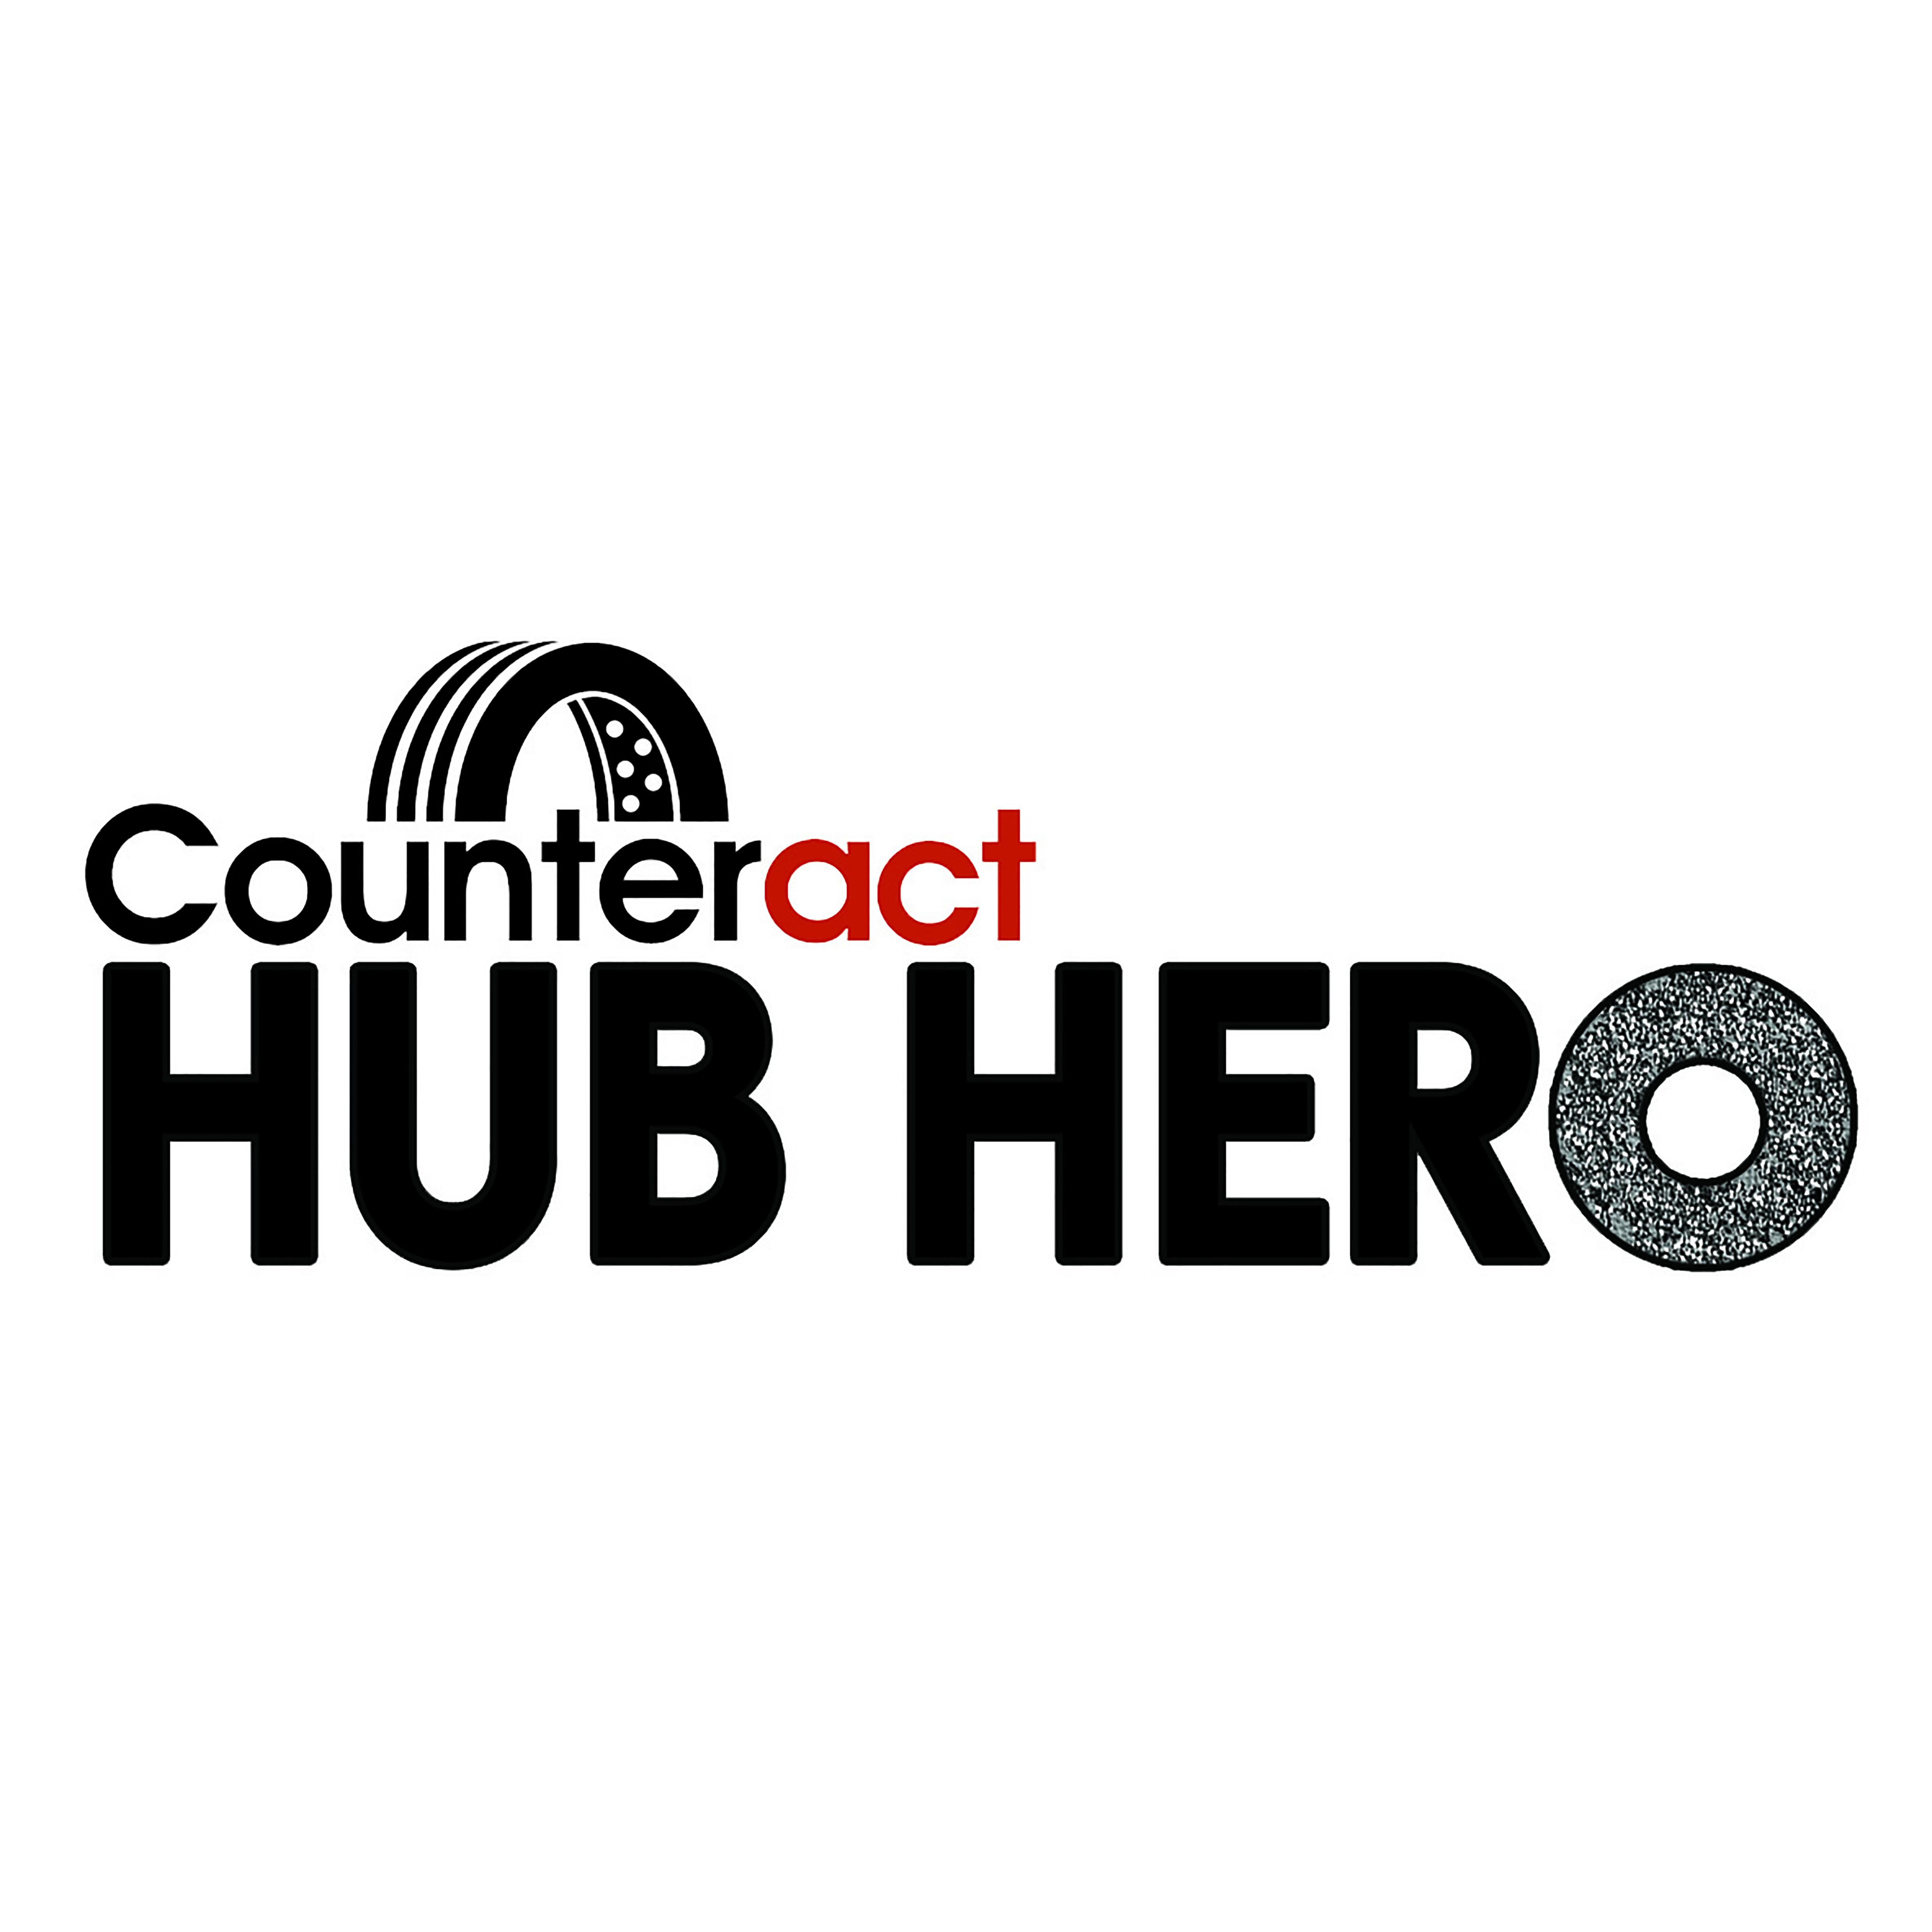 hubhero logo